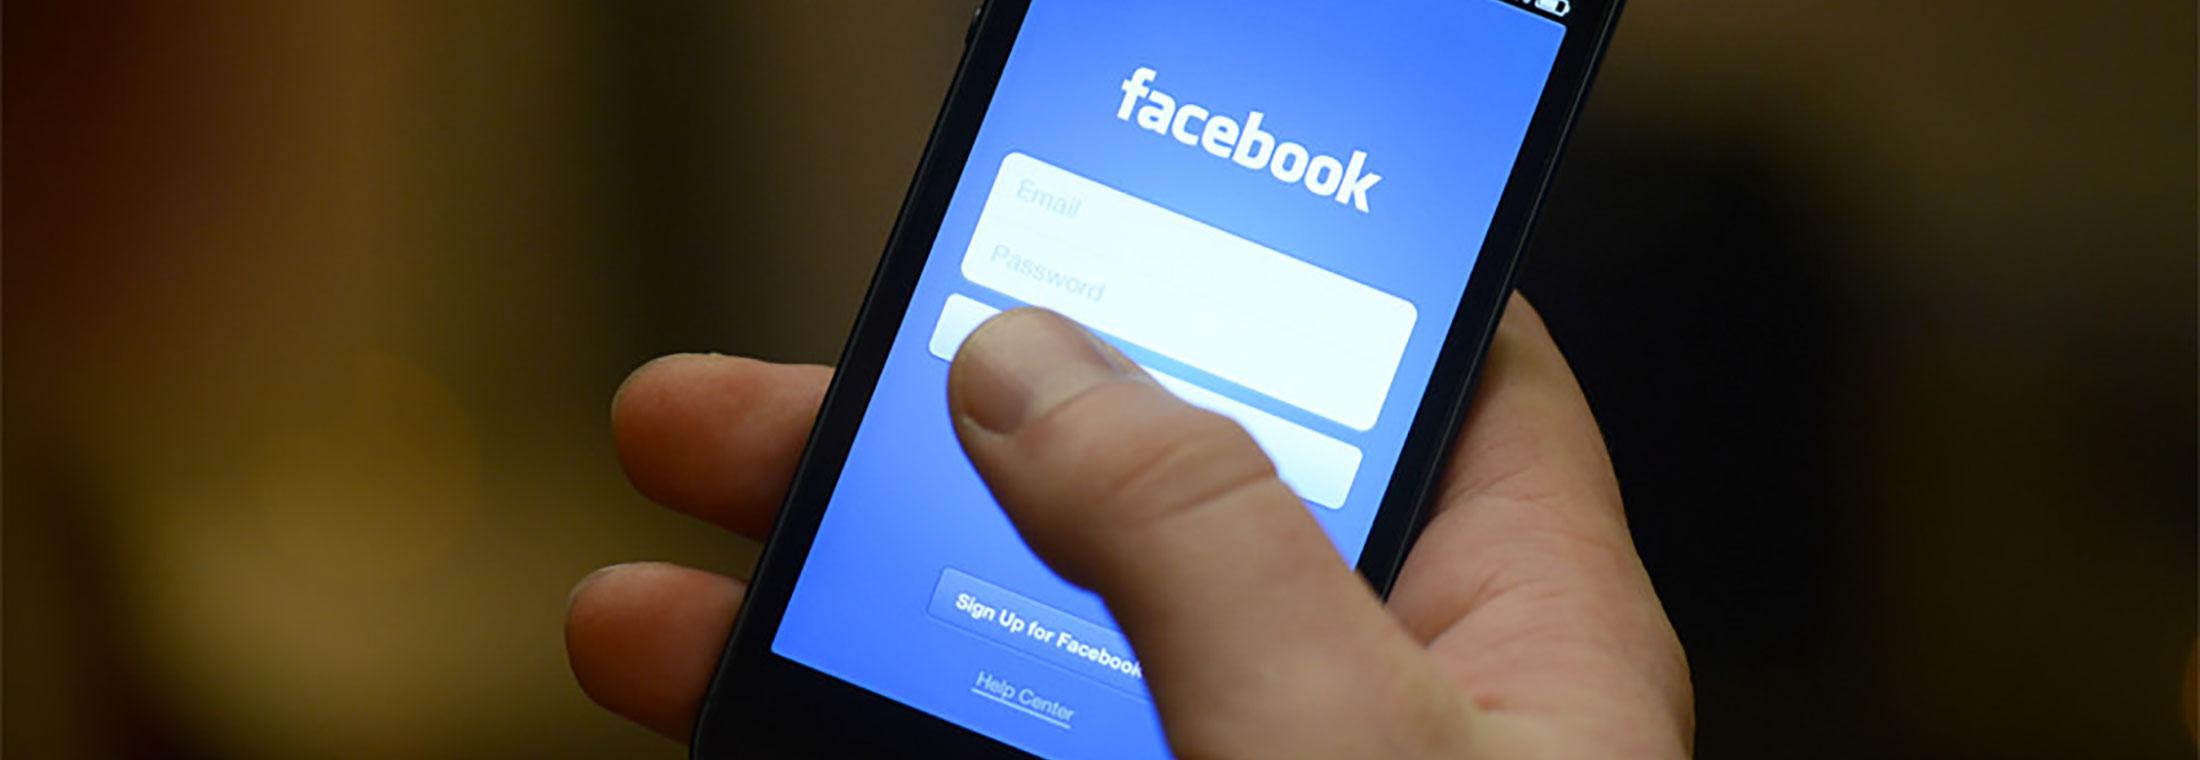 Marketing Nützliche Analytics Tools Für Facebook Brandwatch